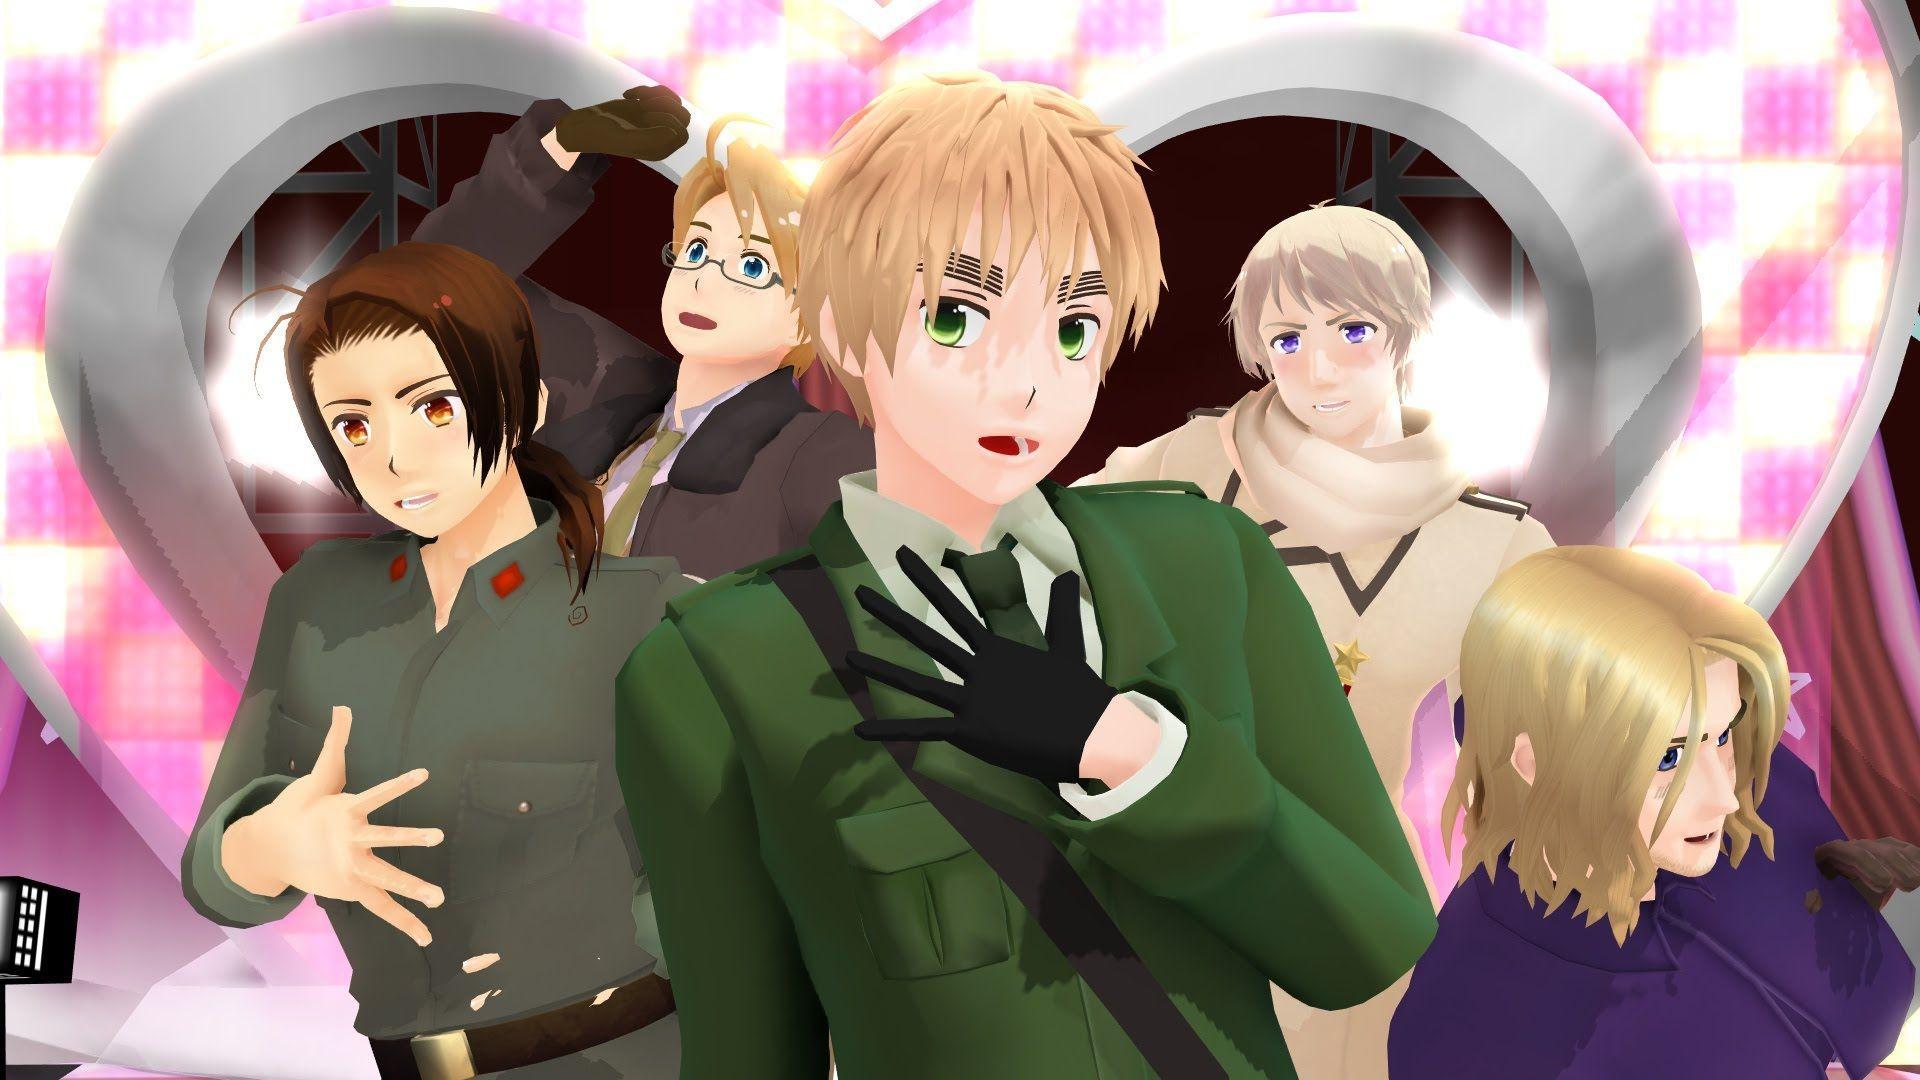 Nyotalia Allies & Axis | Hetalia, Anime, Hetalia characters | 1080x1920